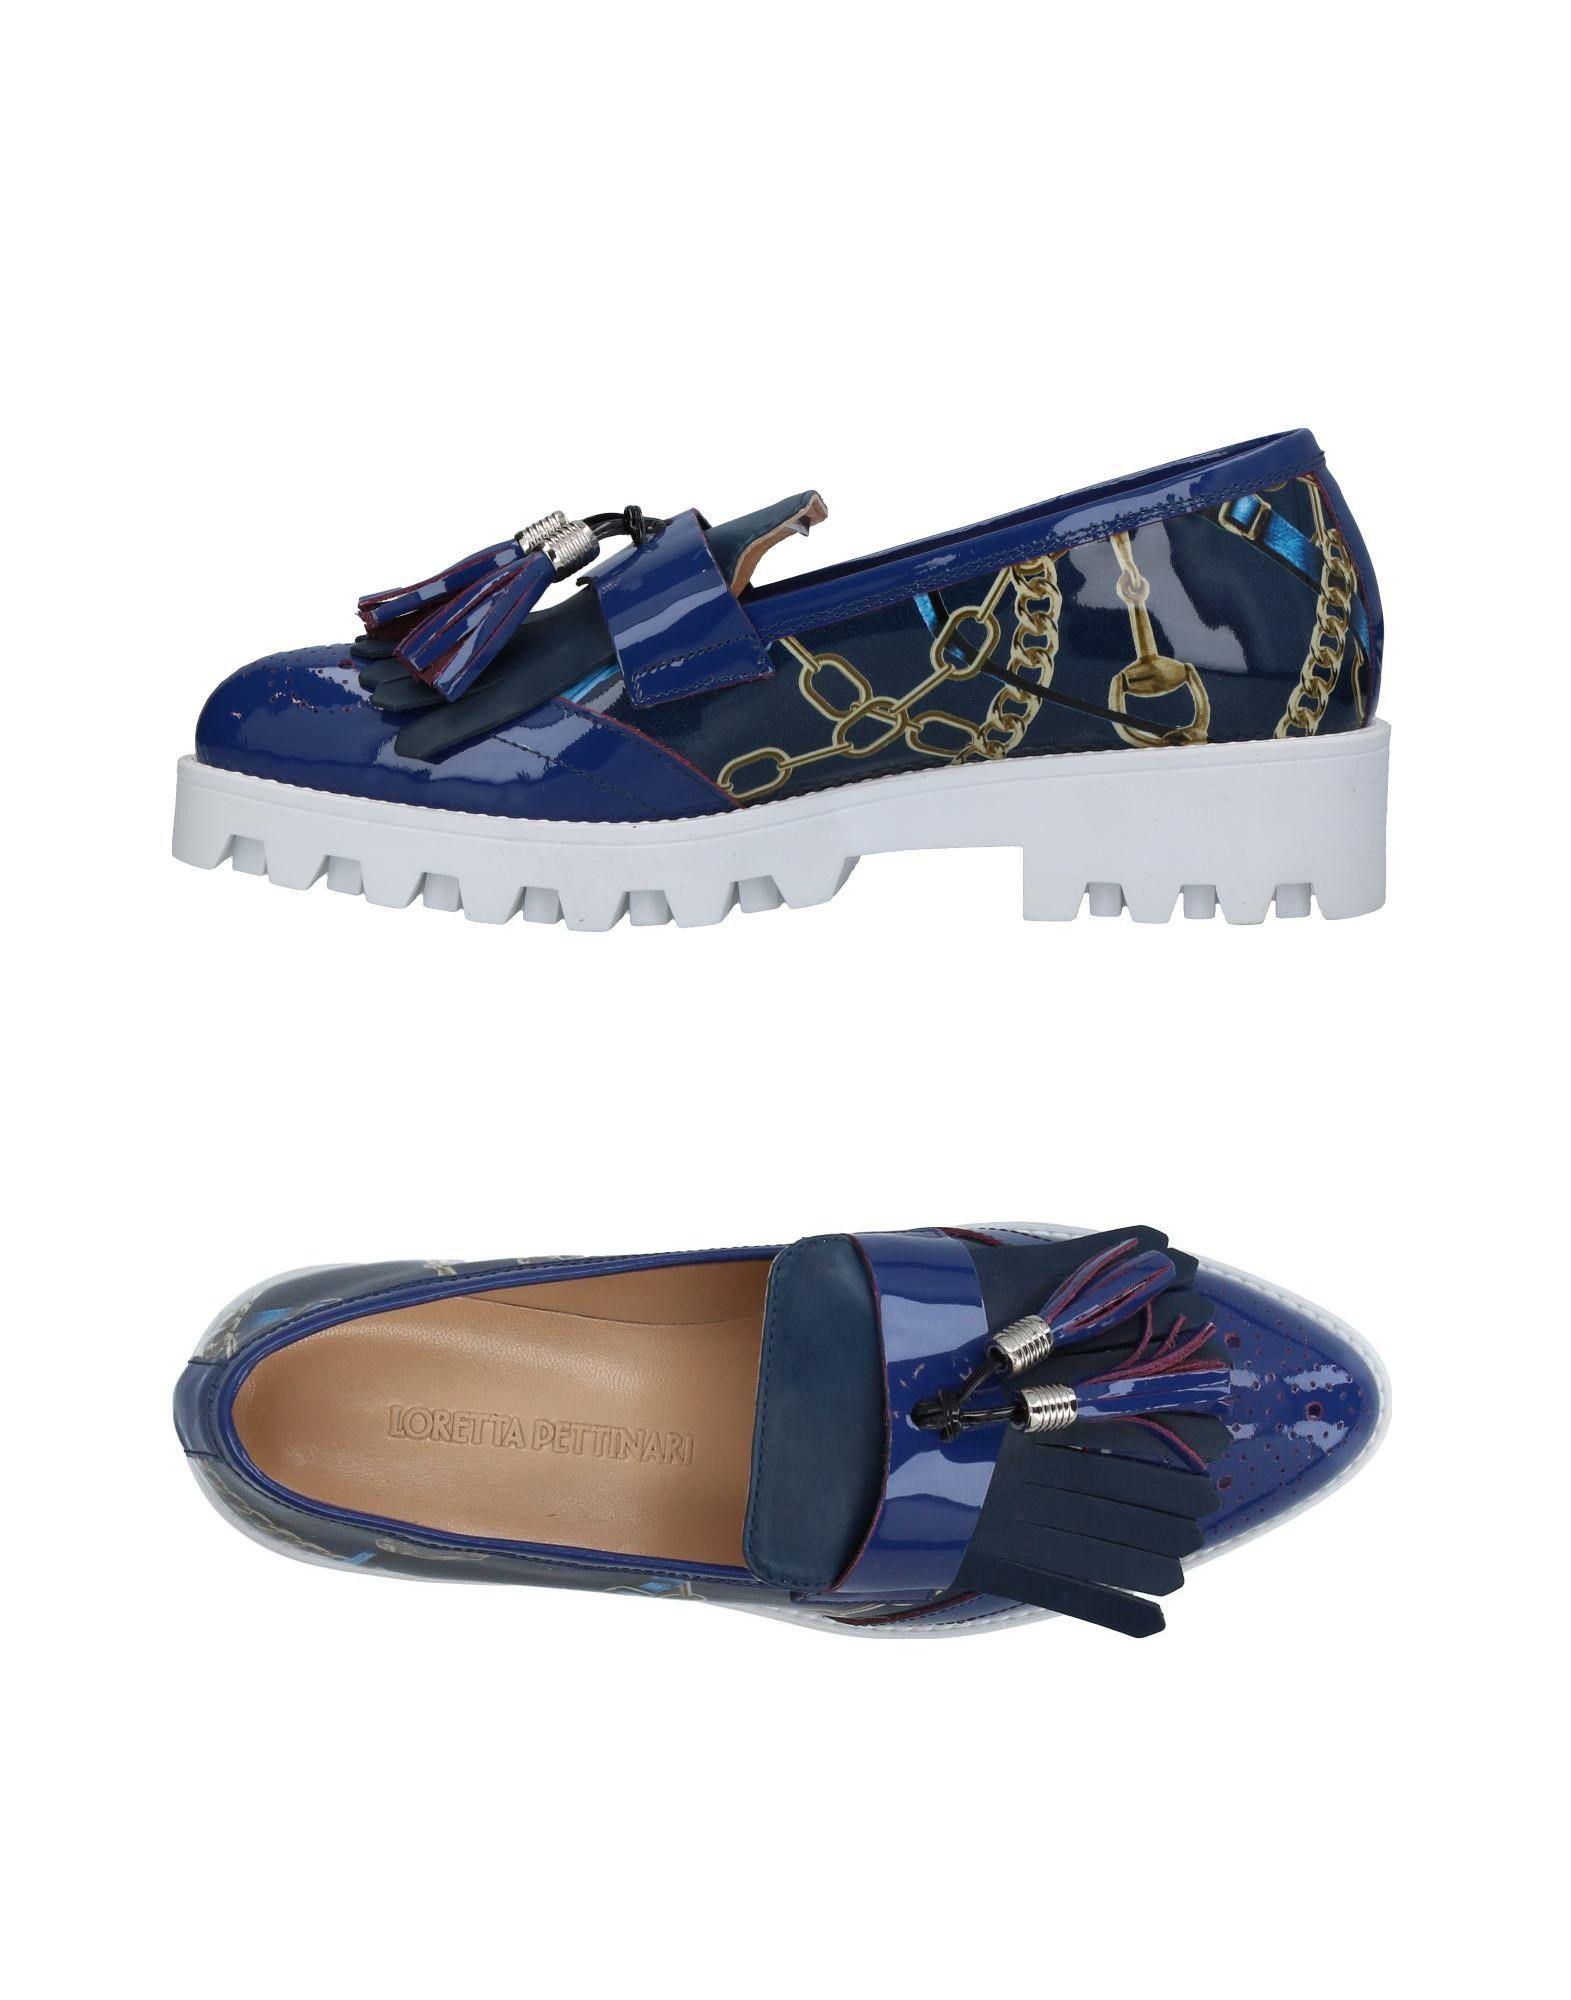 Loretta Pettinari Mokassins Damen  11387468RS Gute Qualität beliebte Schuhe